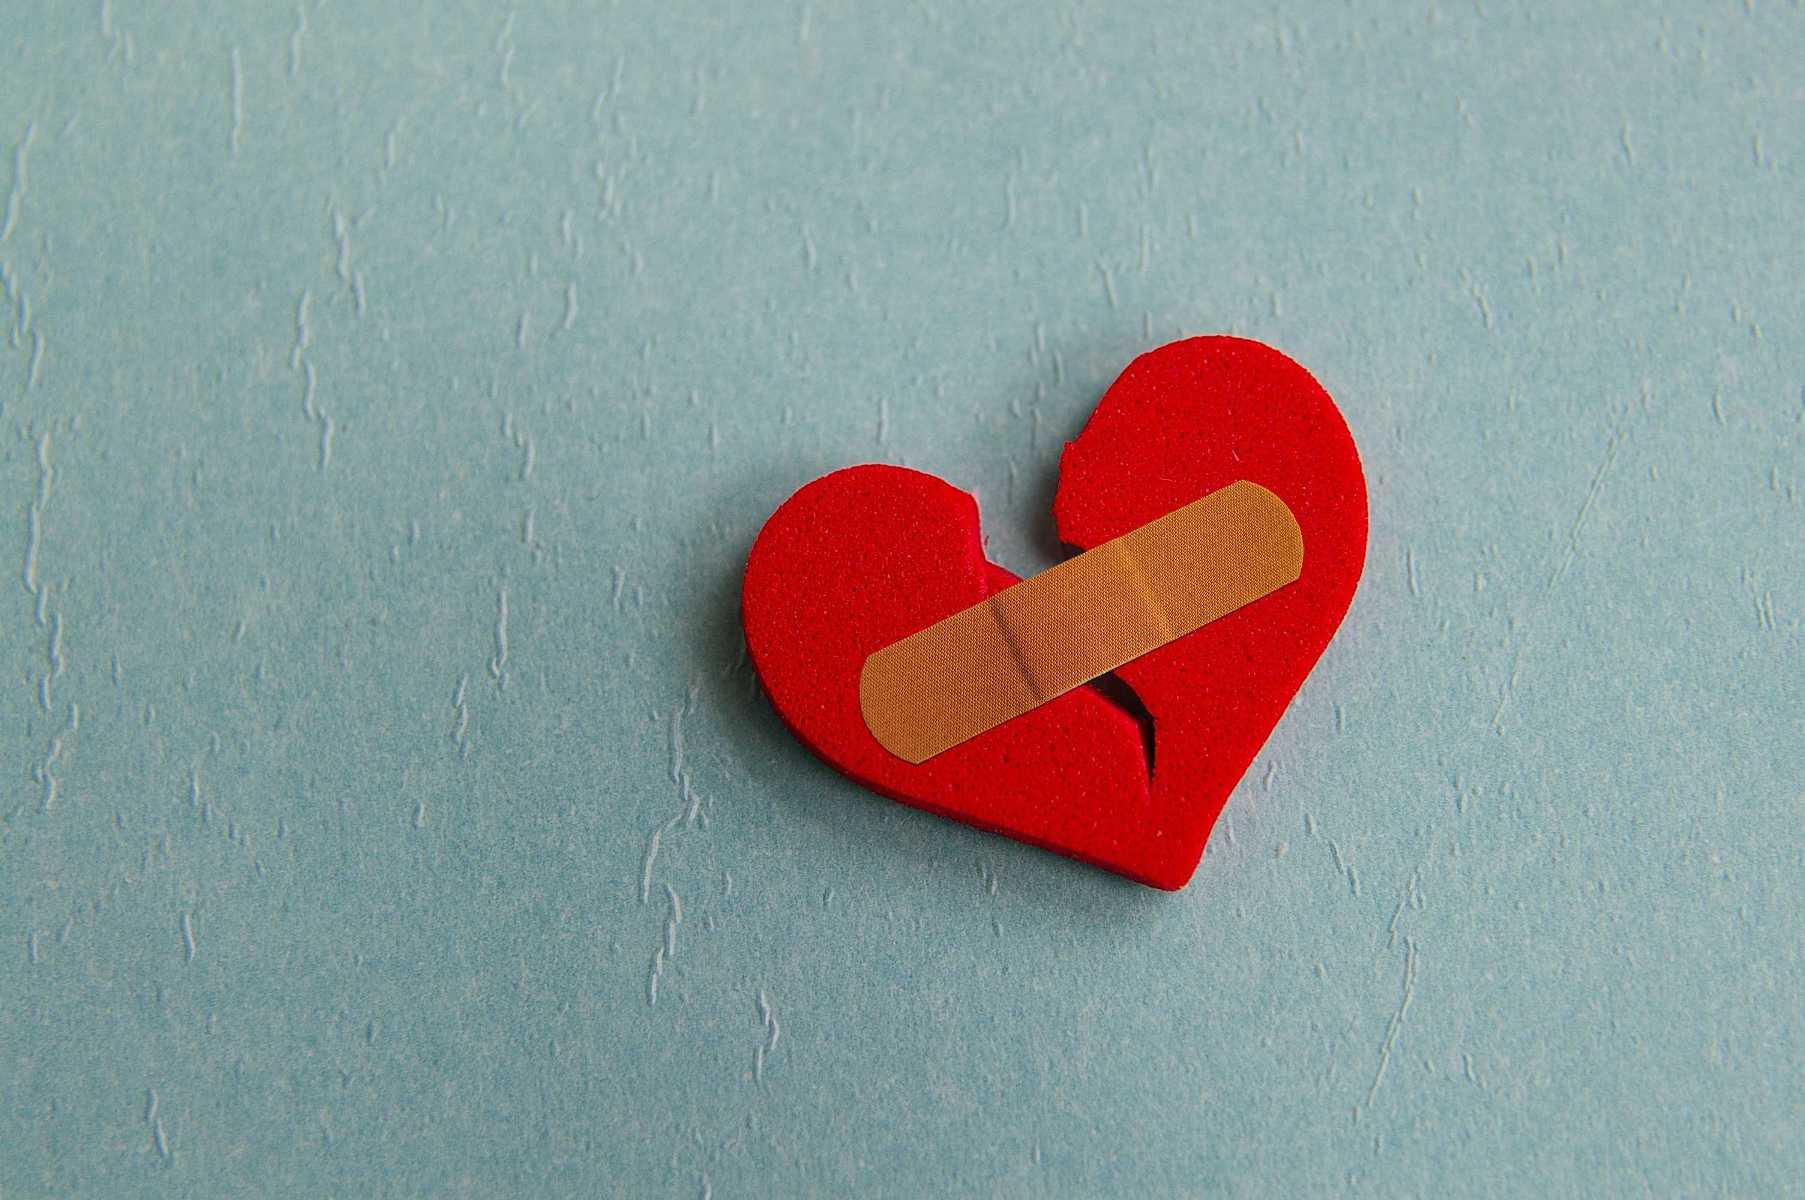 Broken Heart Wallpaper...